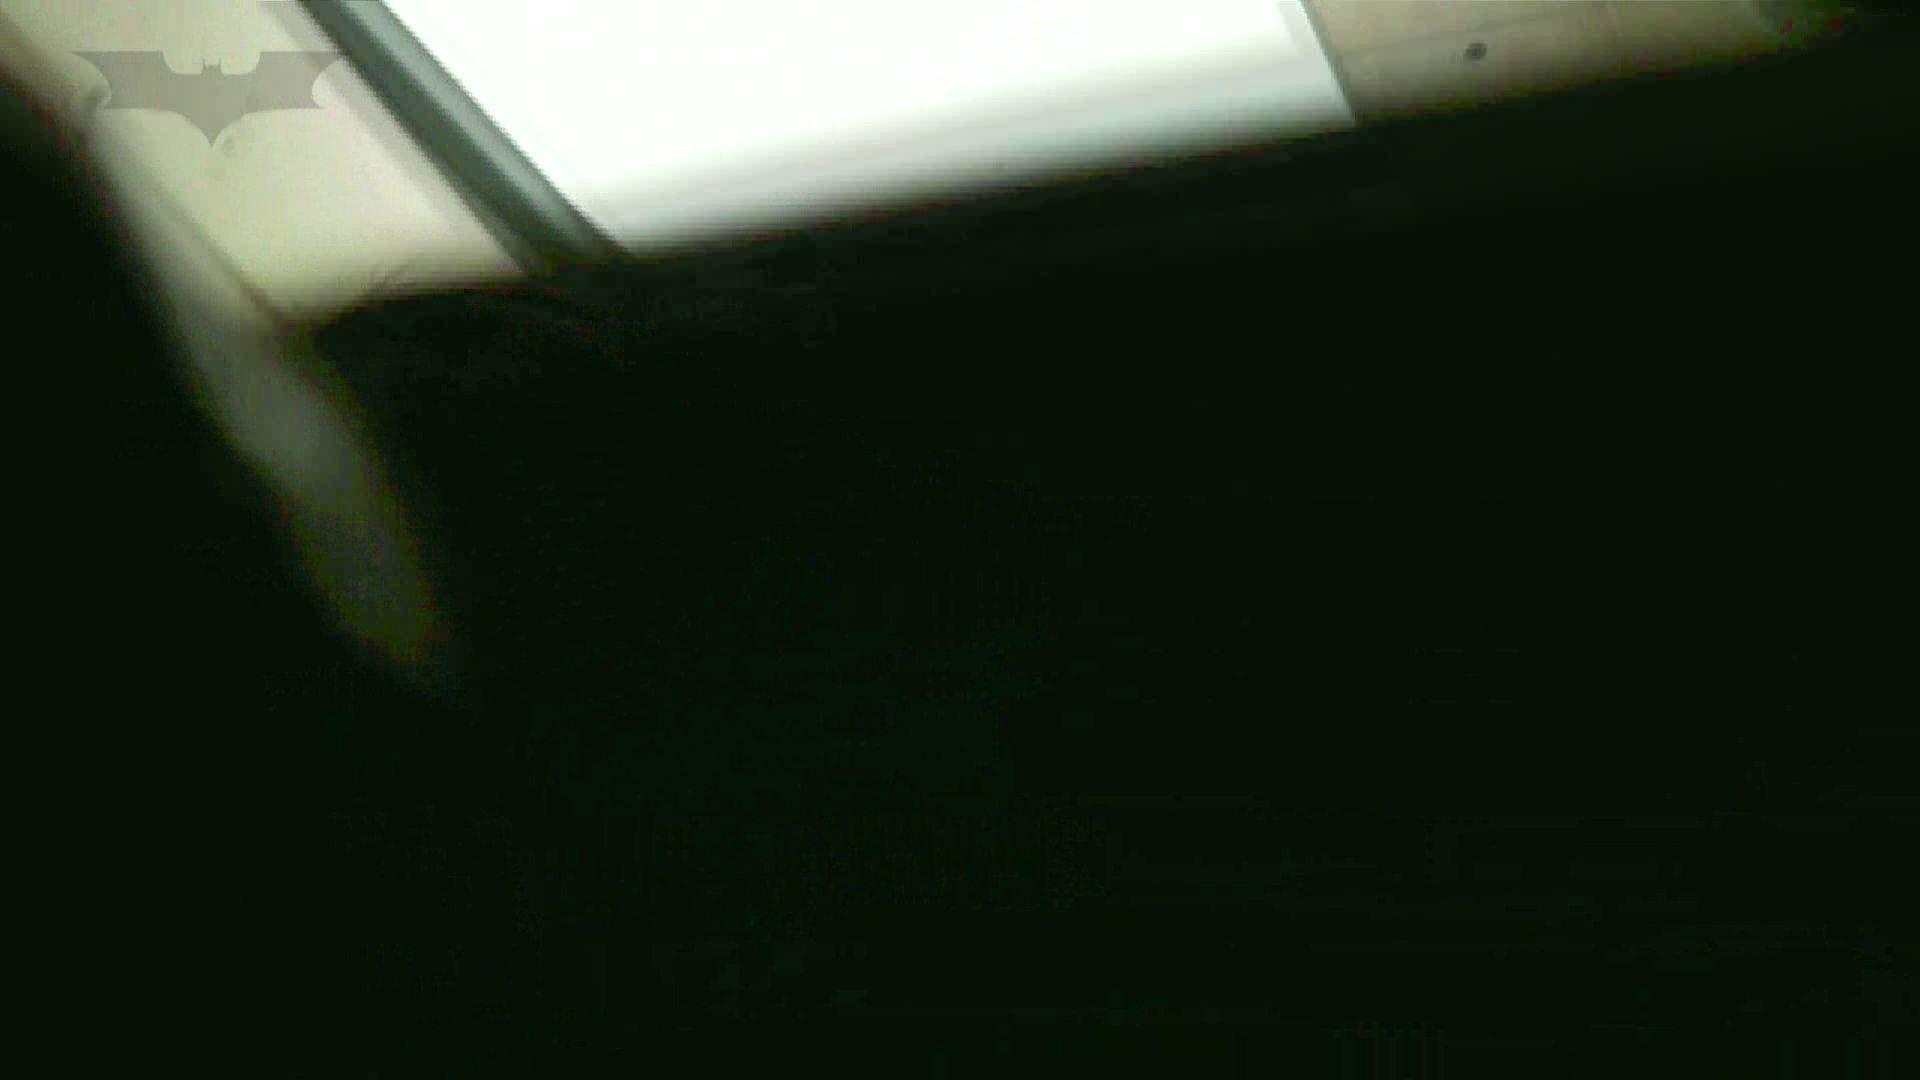 ステーション編 vol.29 頭二つ飛び出る180cm長身モデル OLハメ撮り  40Pix 22